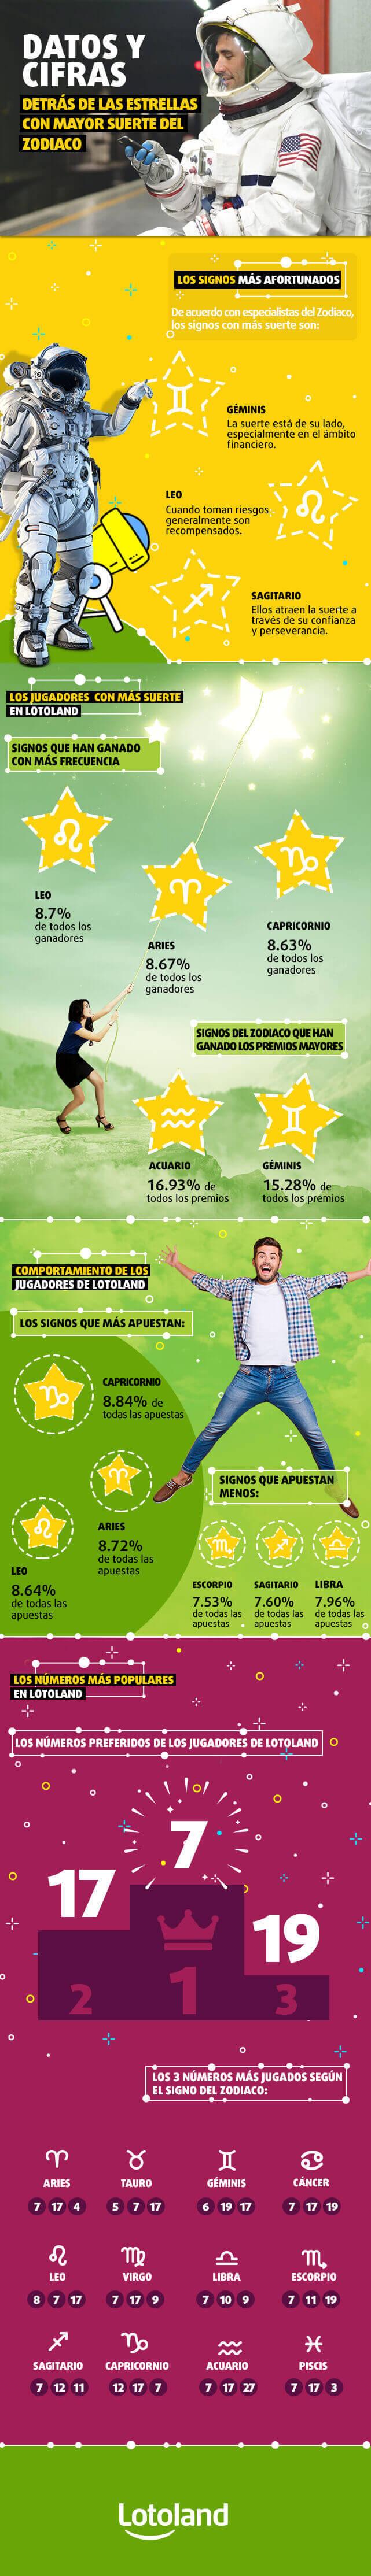 Infografía sobre Horóscopo de la lotería - Datos y cifras